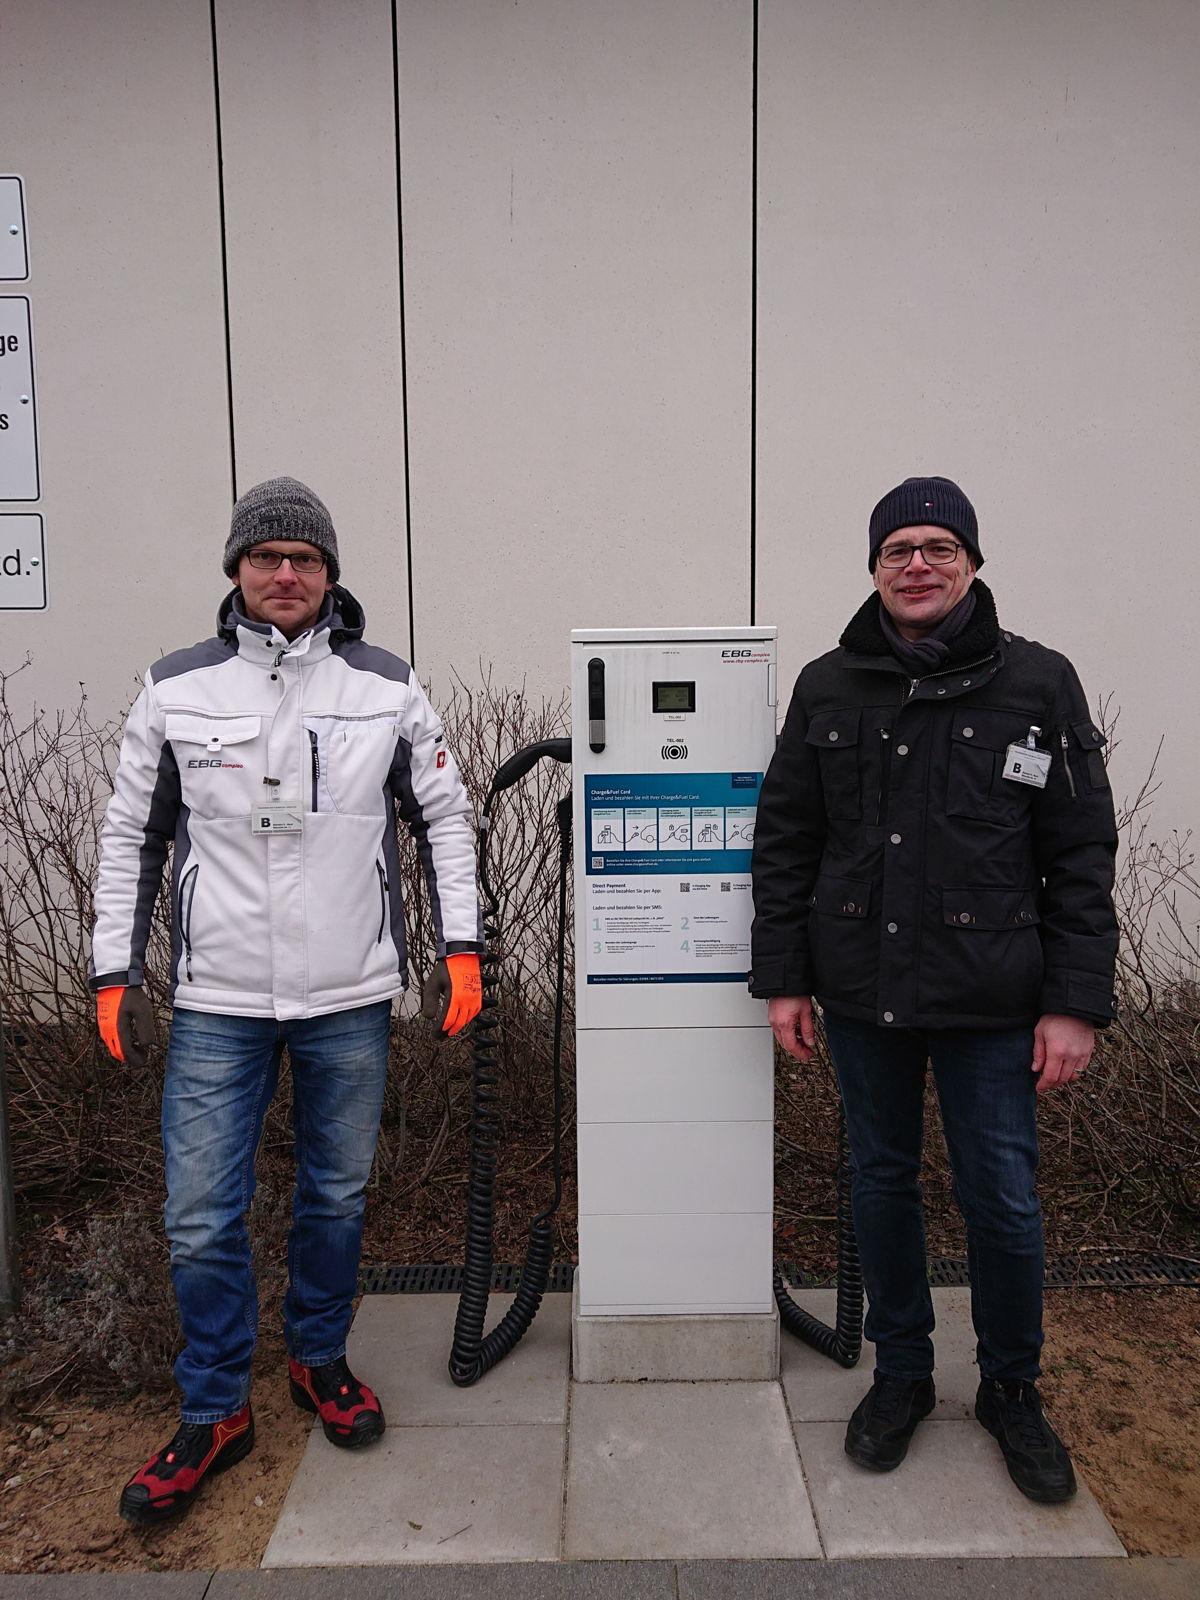 Zufrieden trotz Kälte nach erfolgreicher Umrüstung in Braunschweig: Techniker Adrian Szromik und Qualitätsspezialist & QMB Ingo Seibert von Compleo (v. links).